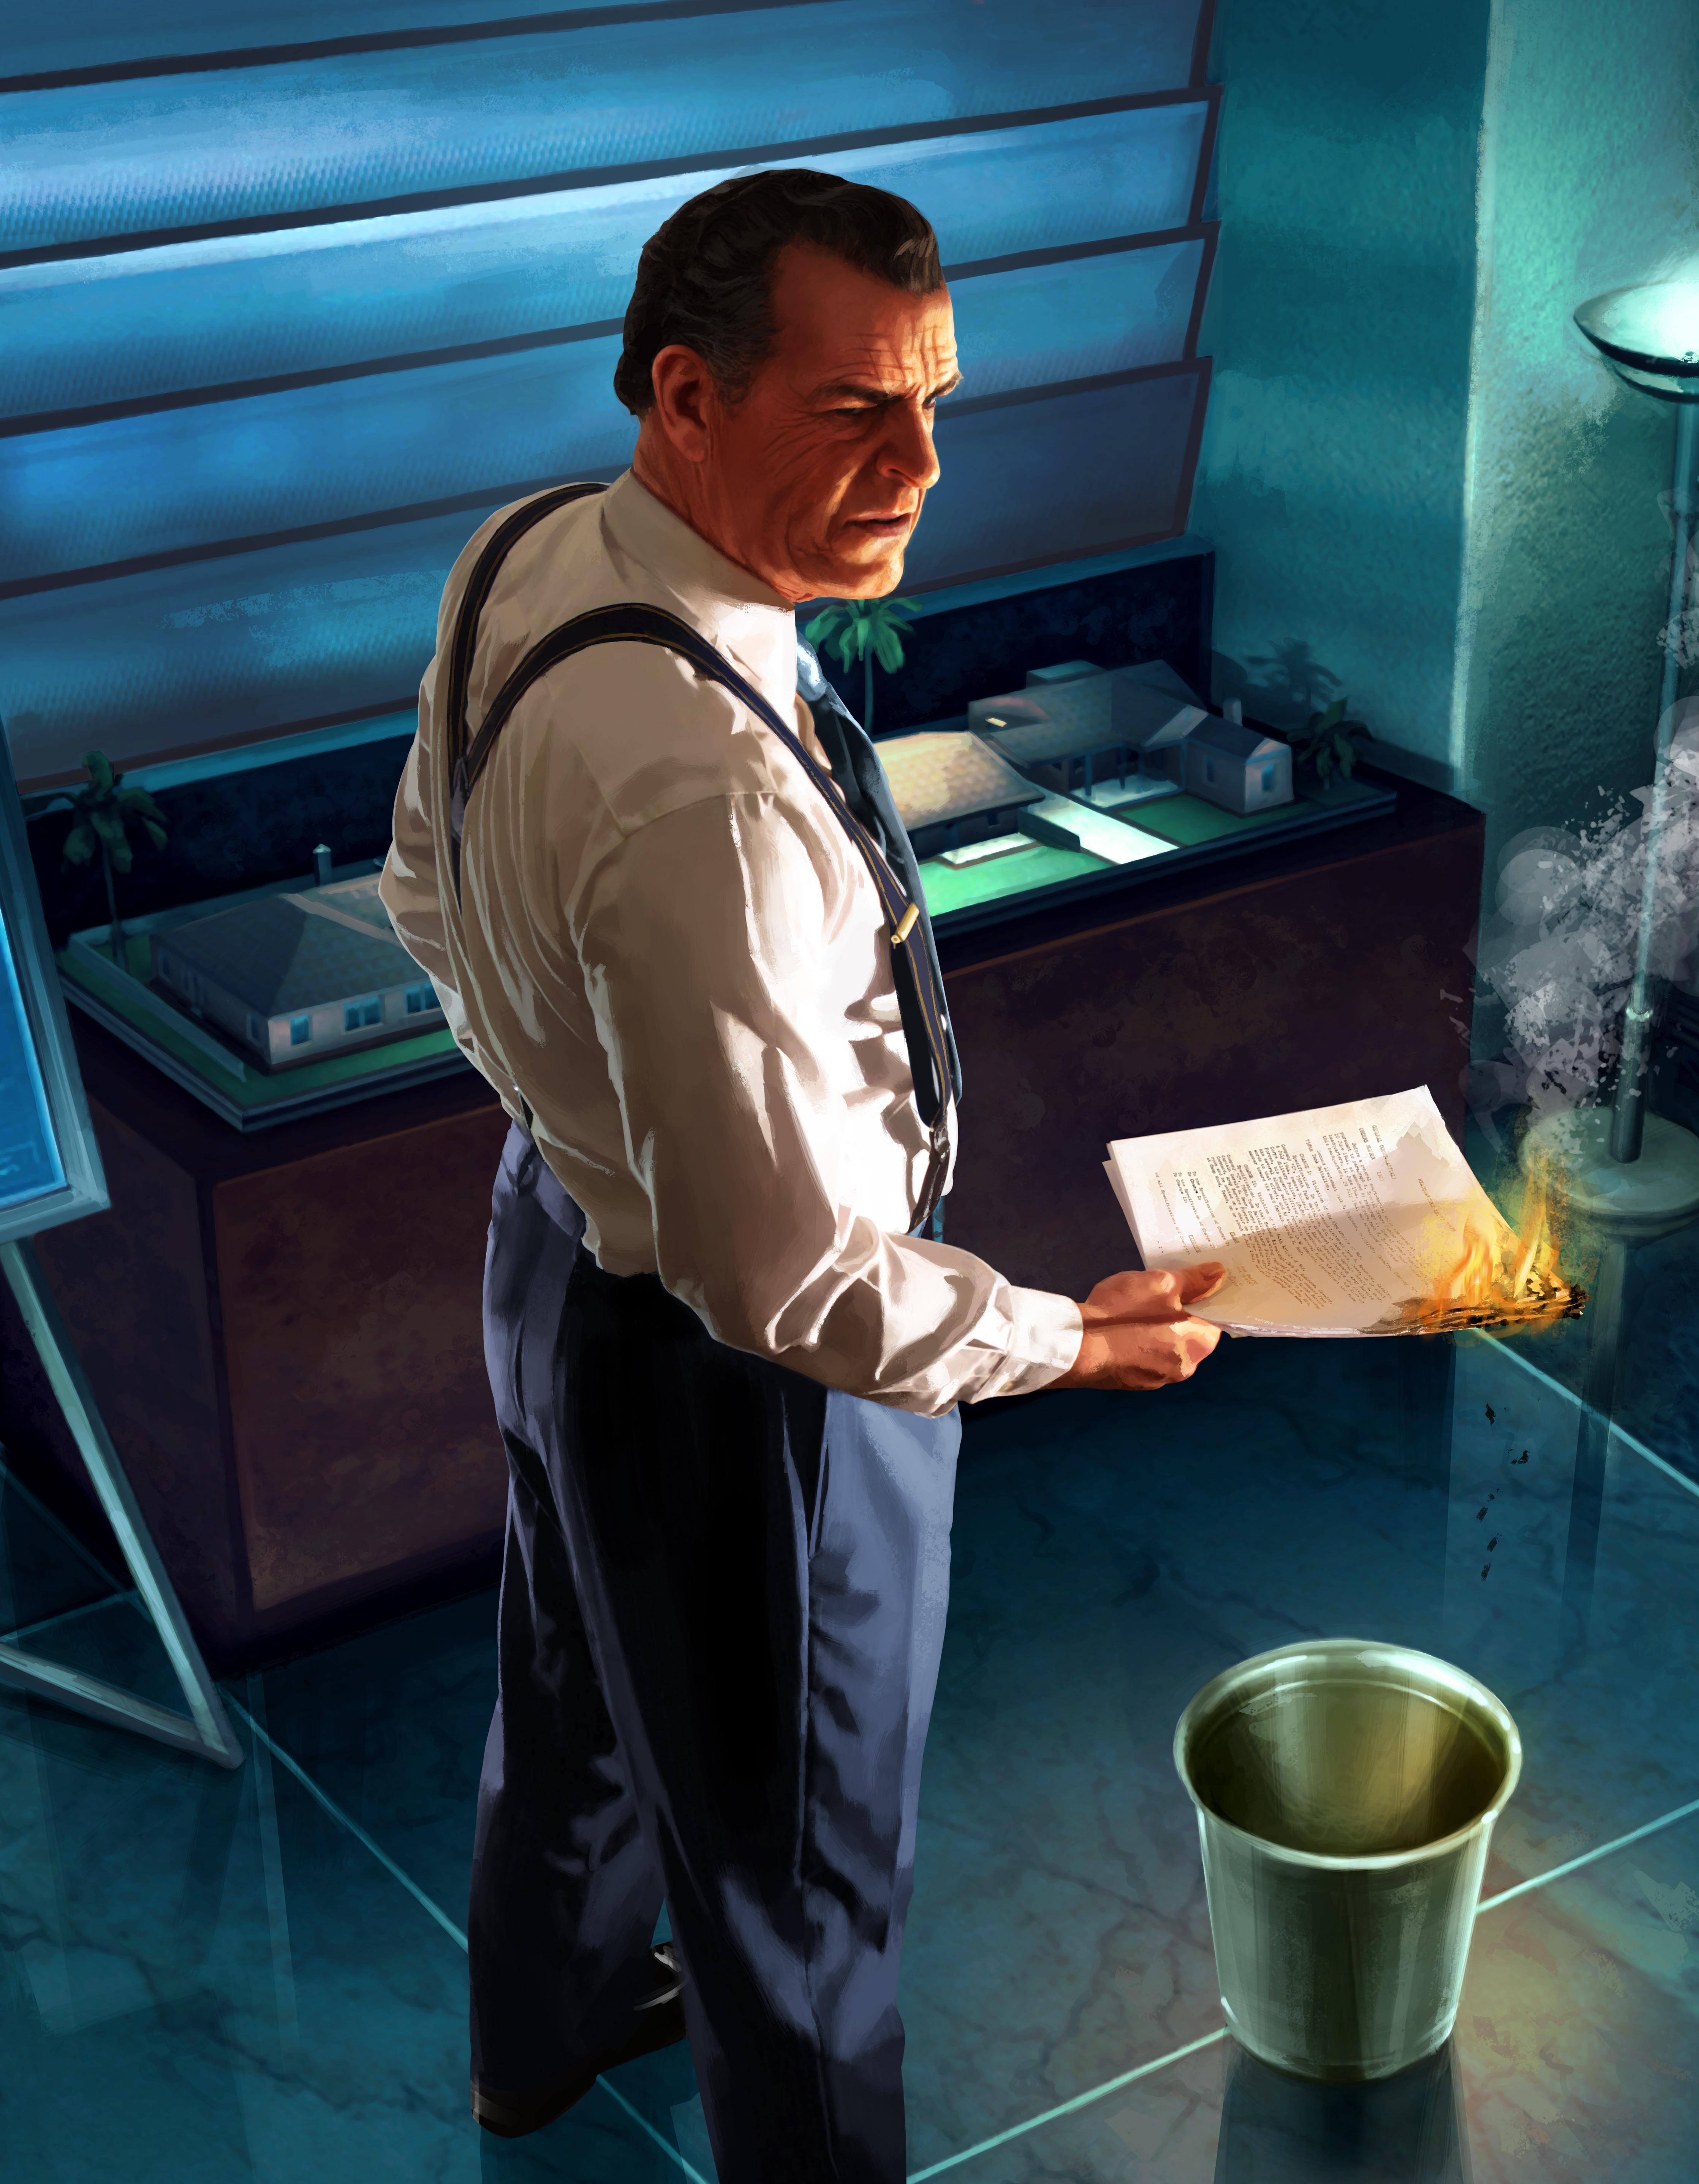 zdjęcia L.A. Noire mężczyzna Burning Evidence płomień Gry wideo 4472x5750 dla Telefon komórkowy Mężczyźni Ogień gra wideo komputerowa